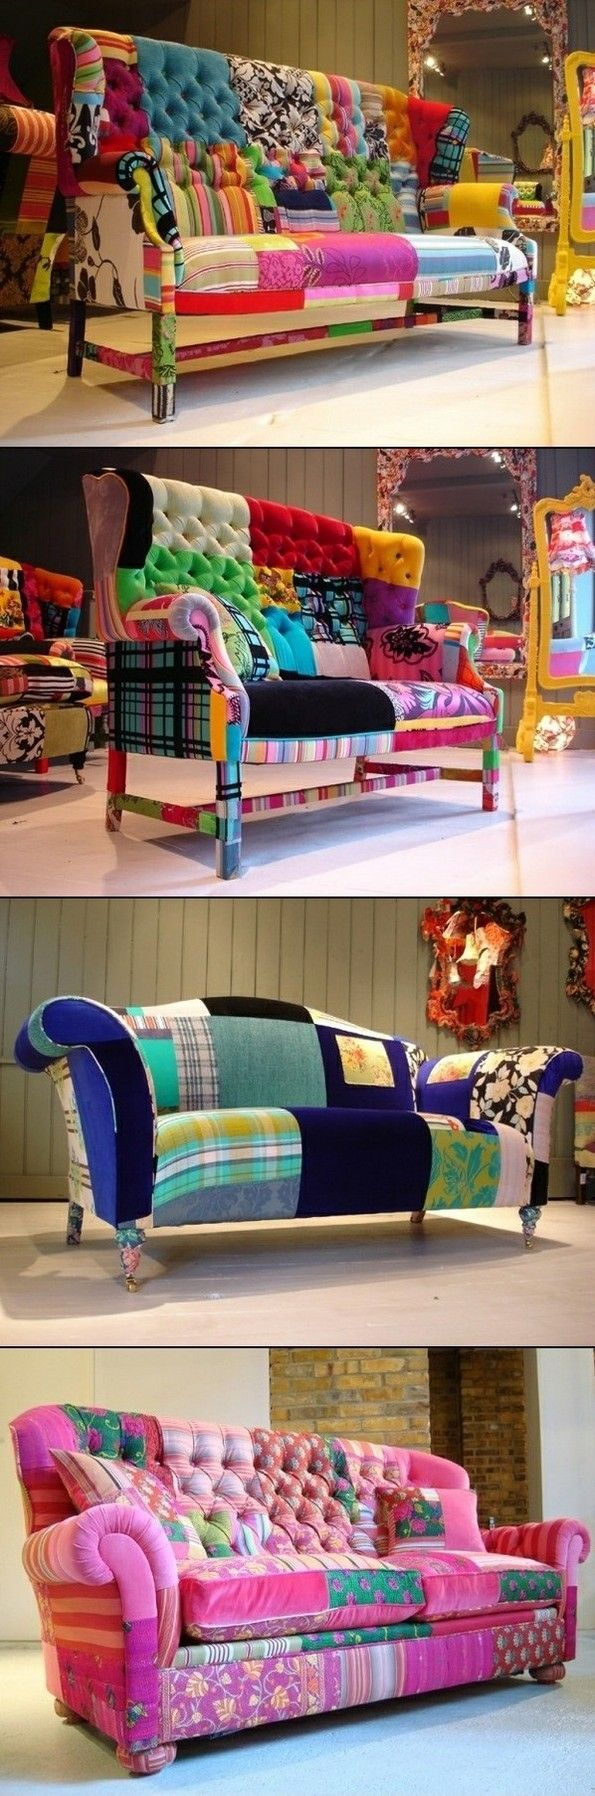 Vivir Ideas habitación con picos del sofá